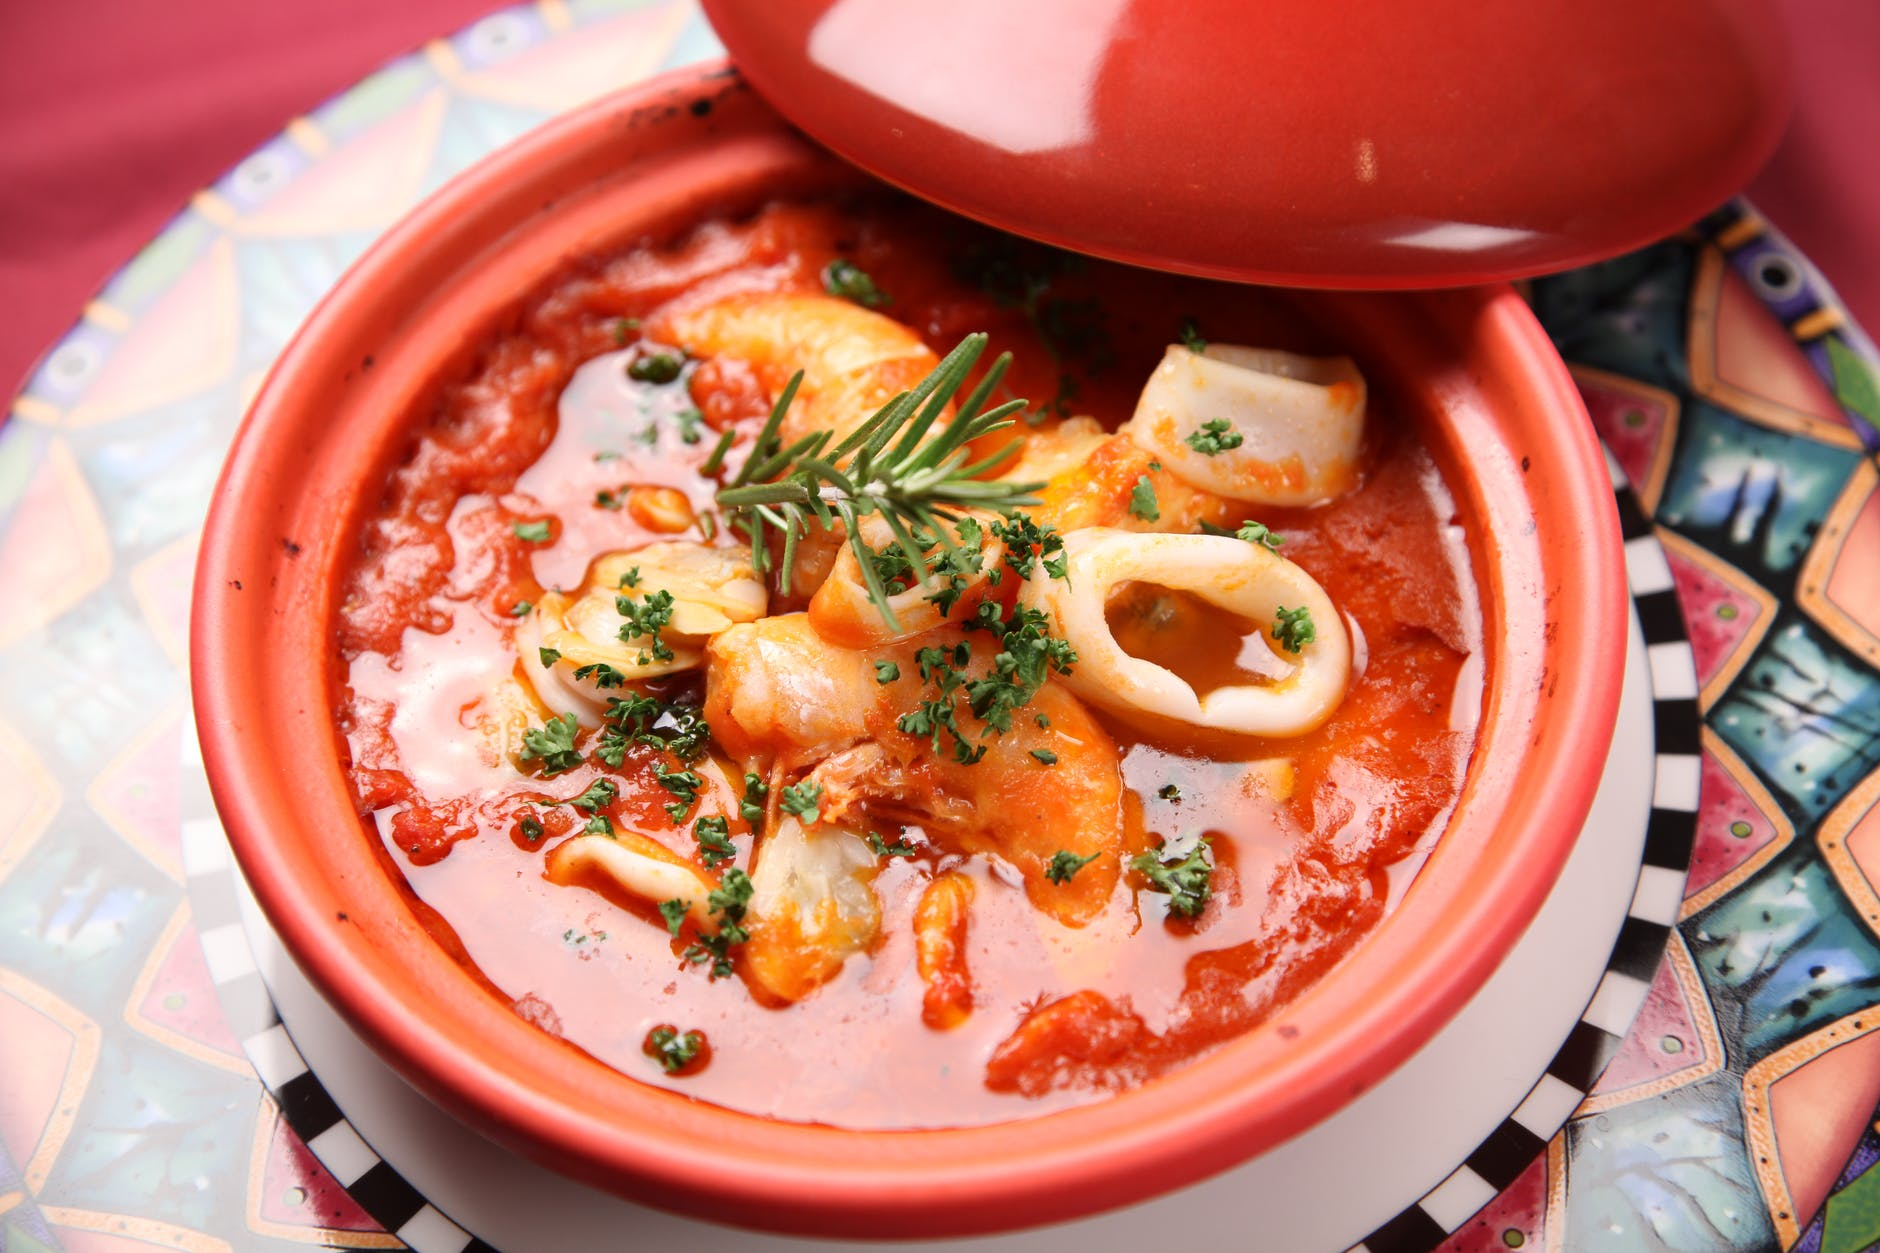 Supă mediteraneană cu pește și fructe de mare. O rețetă delicioasă, aromată și sănătoasă!